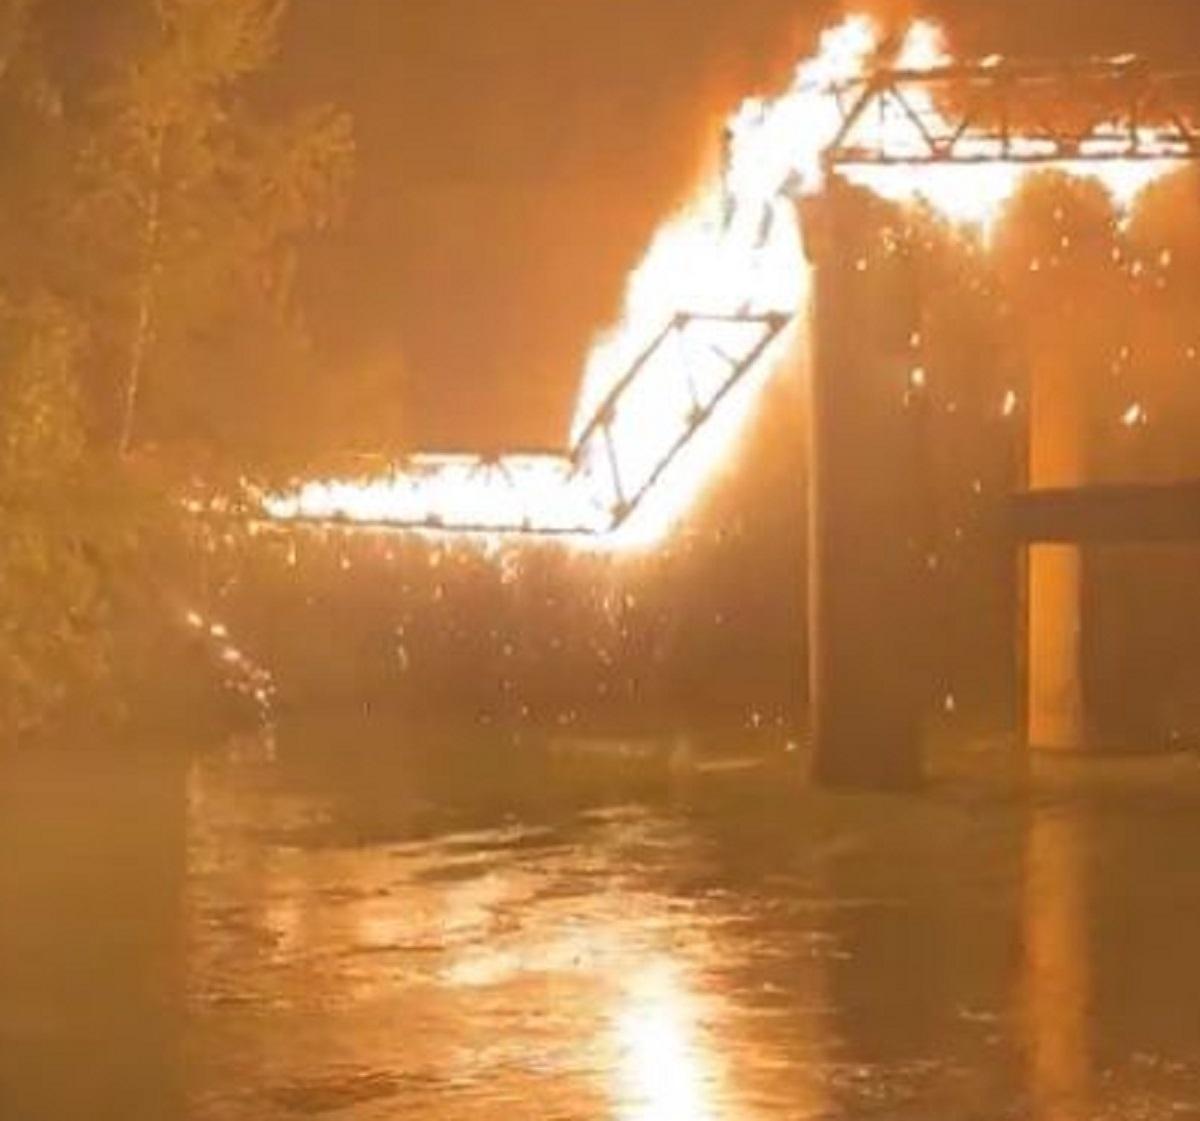 Roma Ponte di Ferro incendio intervento cause ipotesi